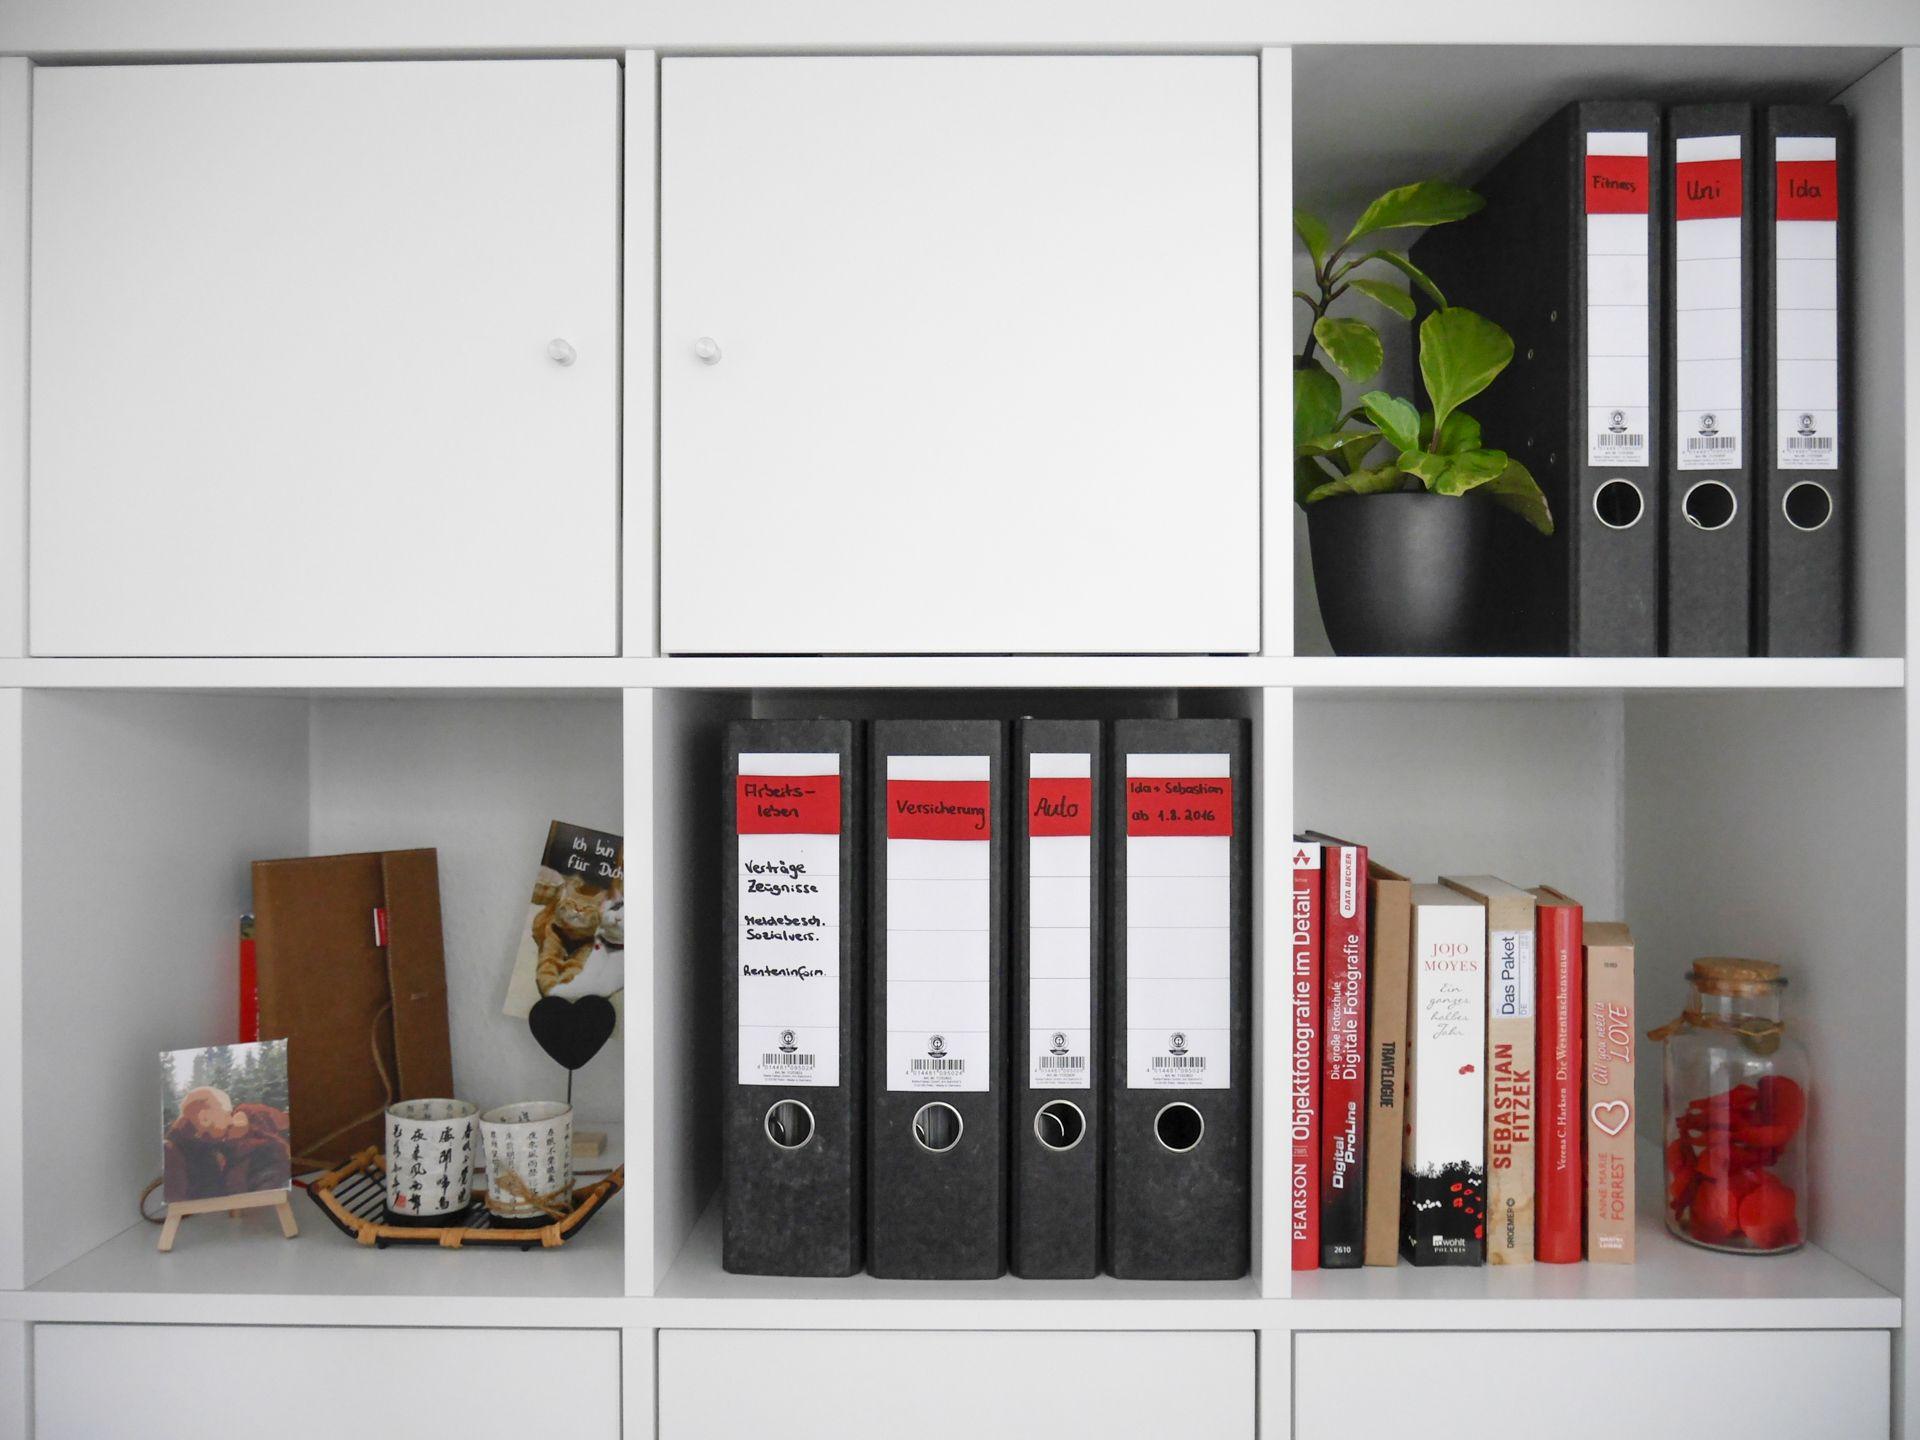 Kreative einrichtungsideen büro  Büro einrichten- kreative Ideen zum nachmachen | Pinterest | Büro ...